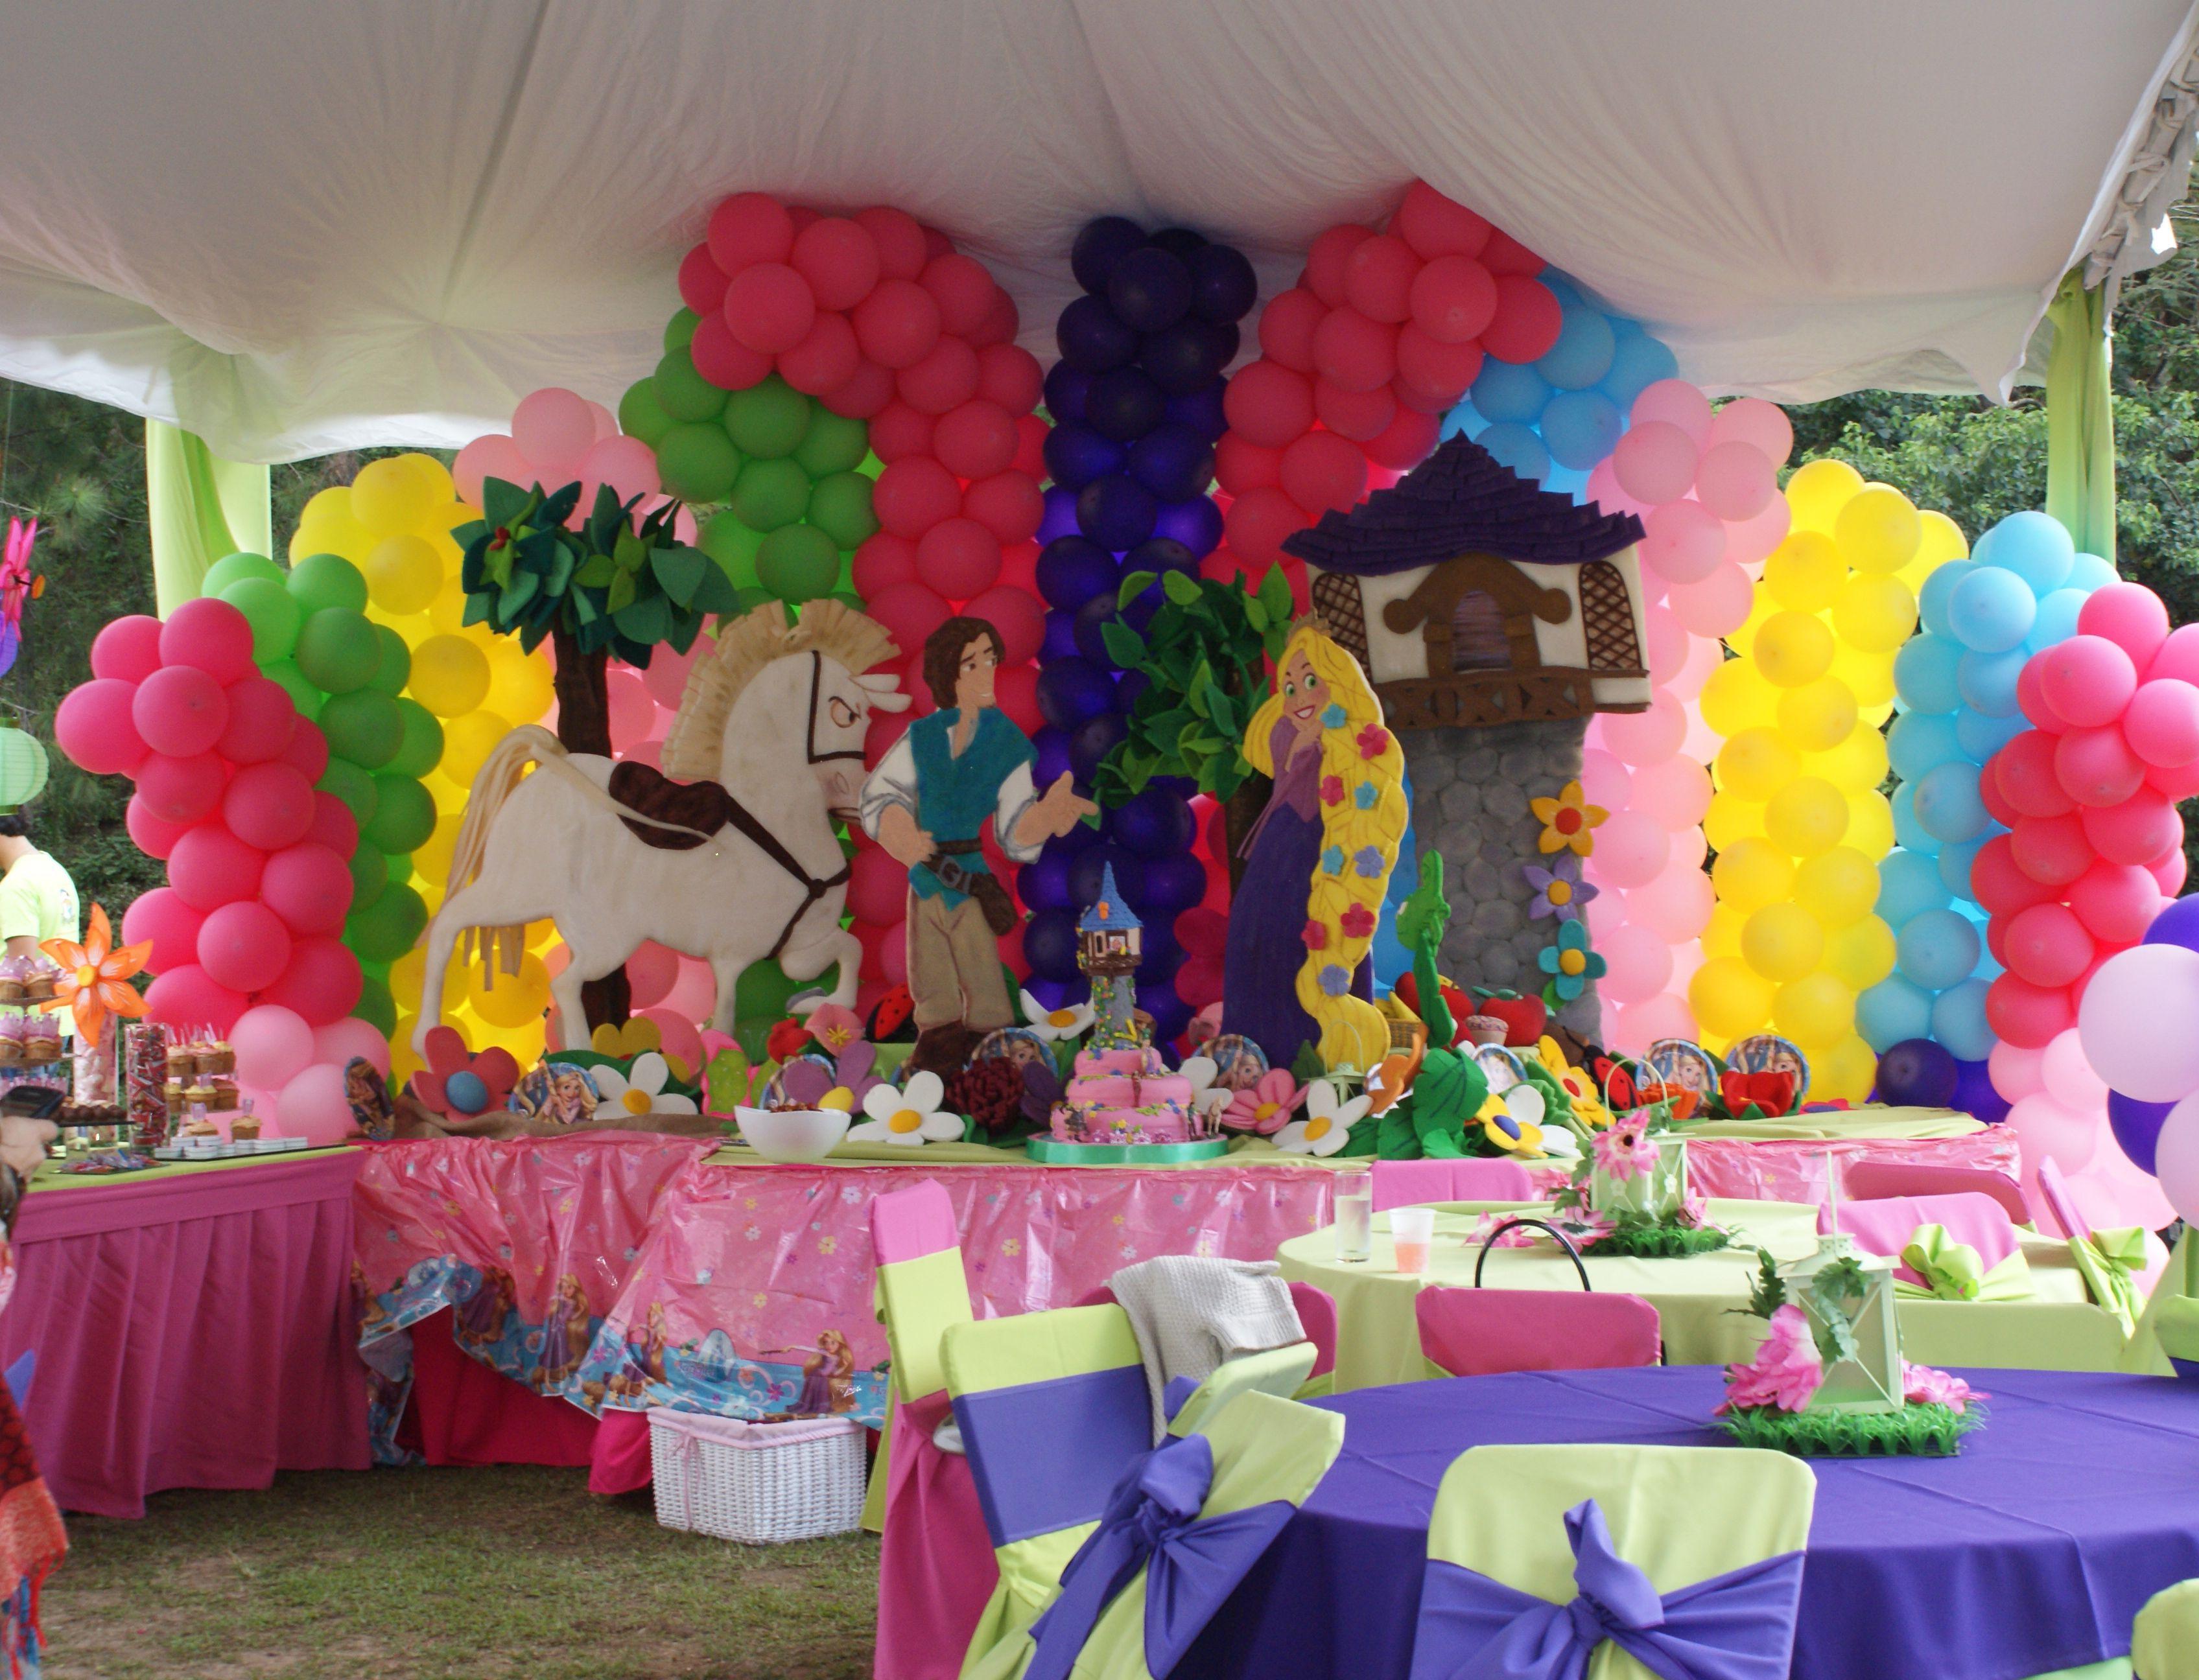 Decoraciones de fiestas infantiles pi atas y centros de for Decoraciones para fiestas